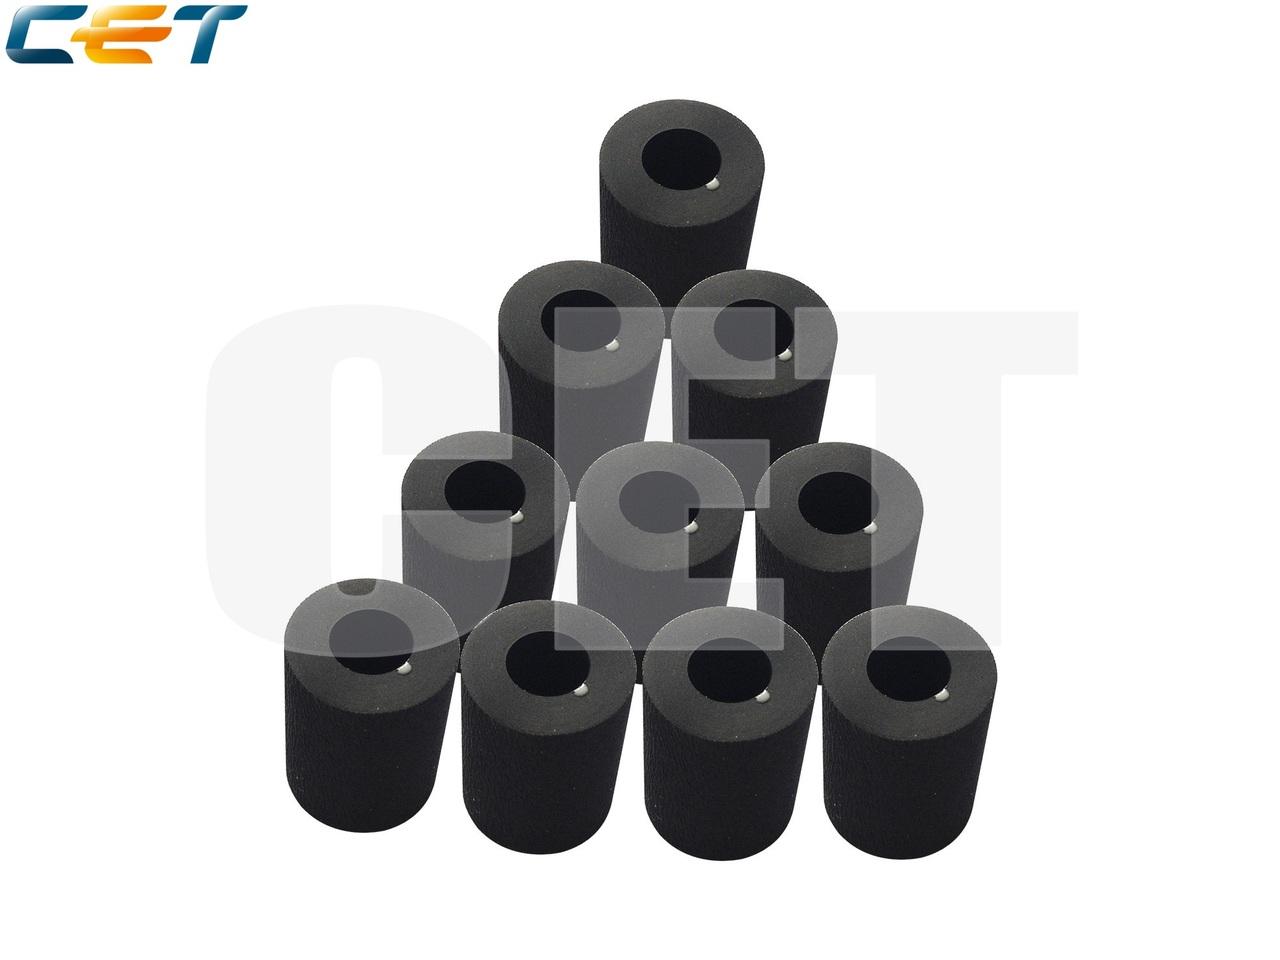 Резинка ролика отделения 2NG94110 для KYOCERA TASKalfa1800/1801/2200/2201 (CET), CET7830, CET7830R